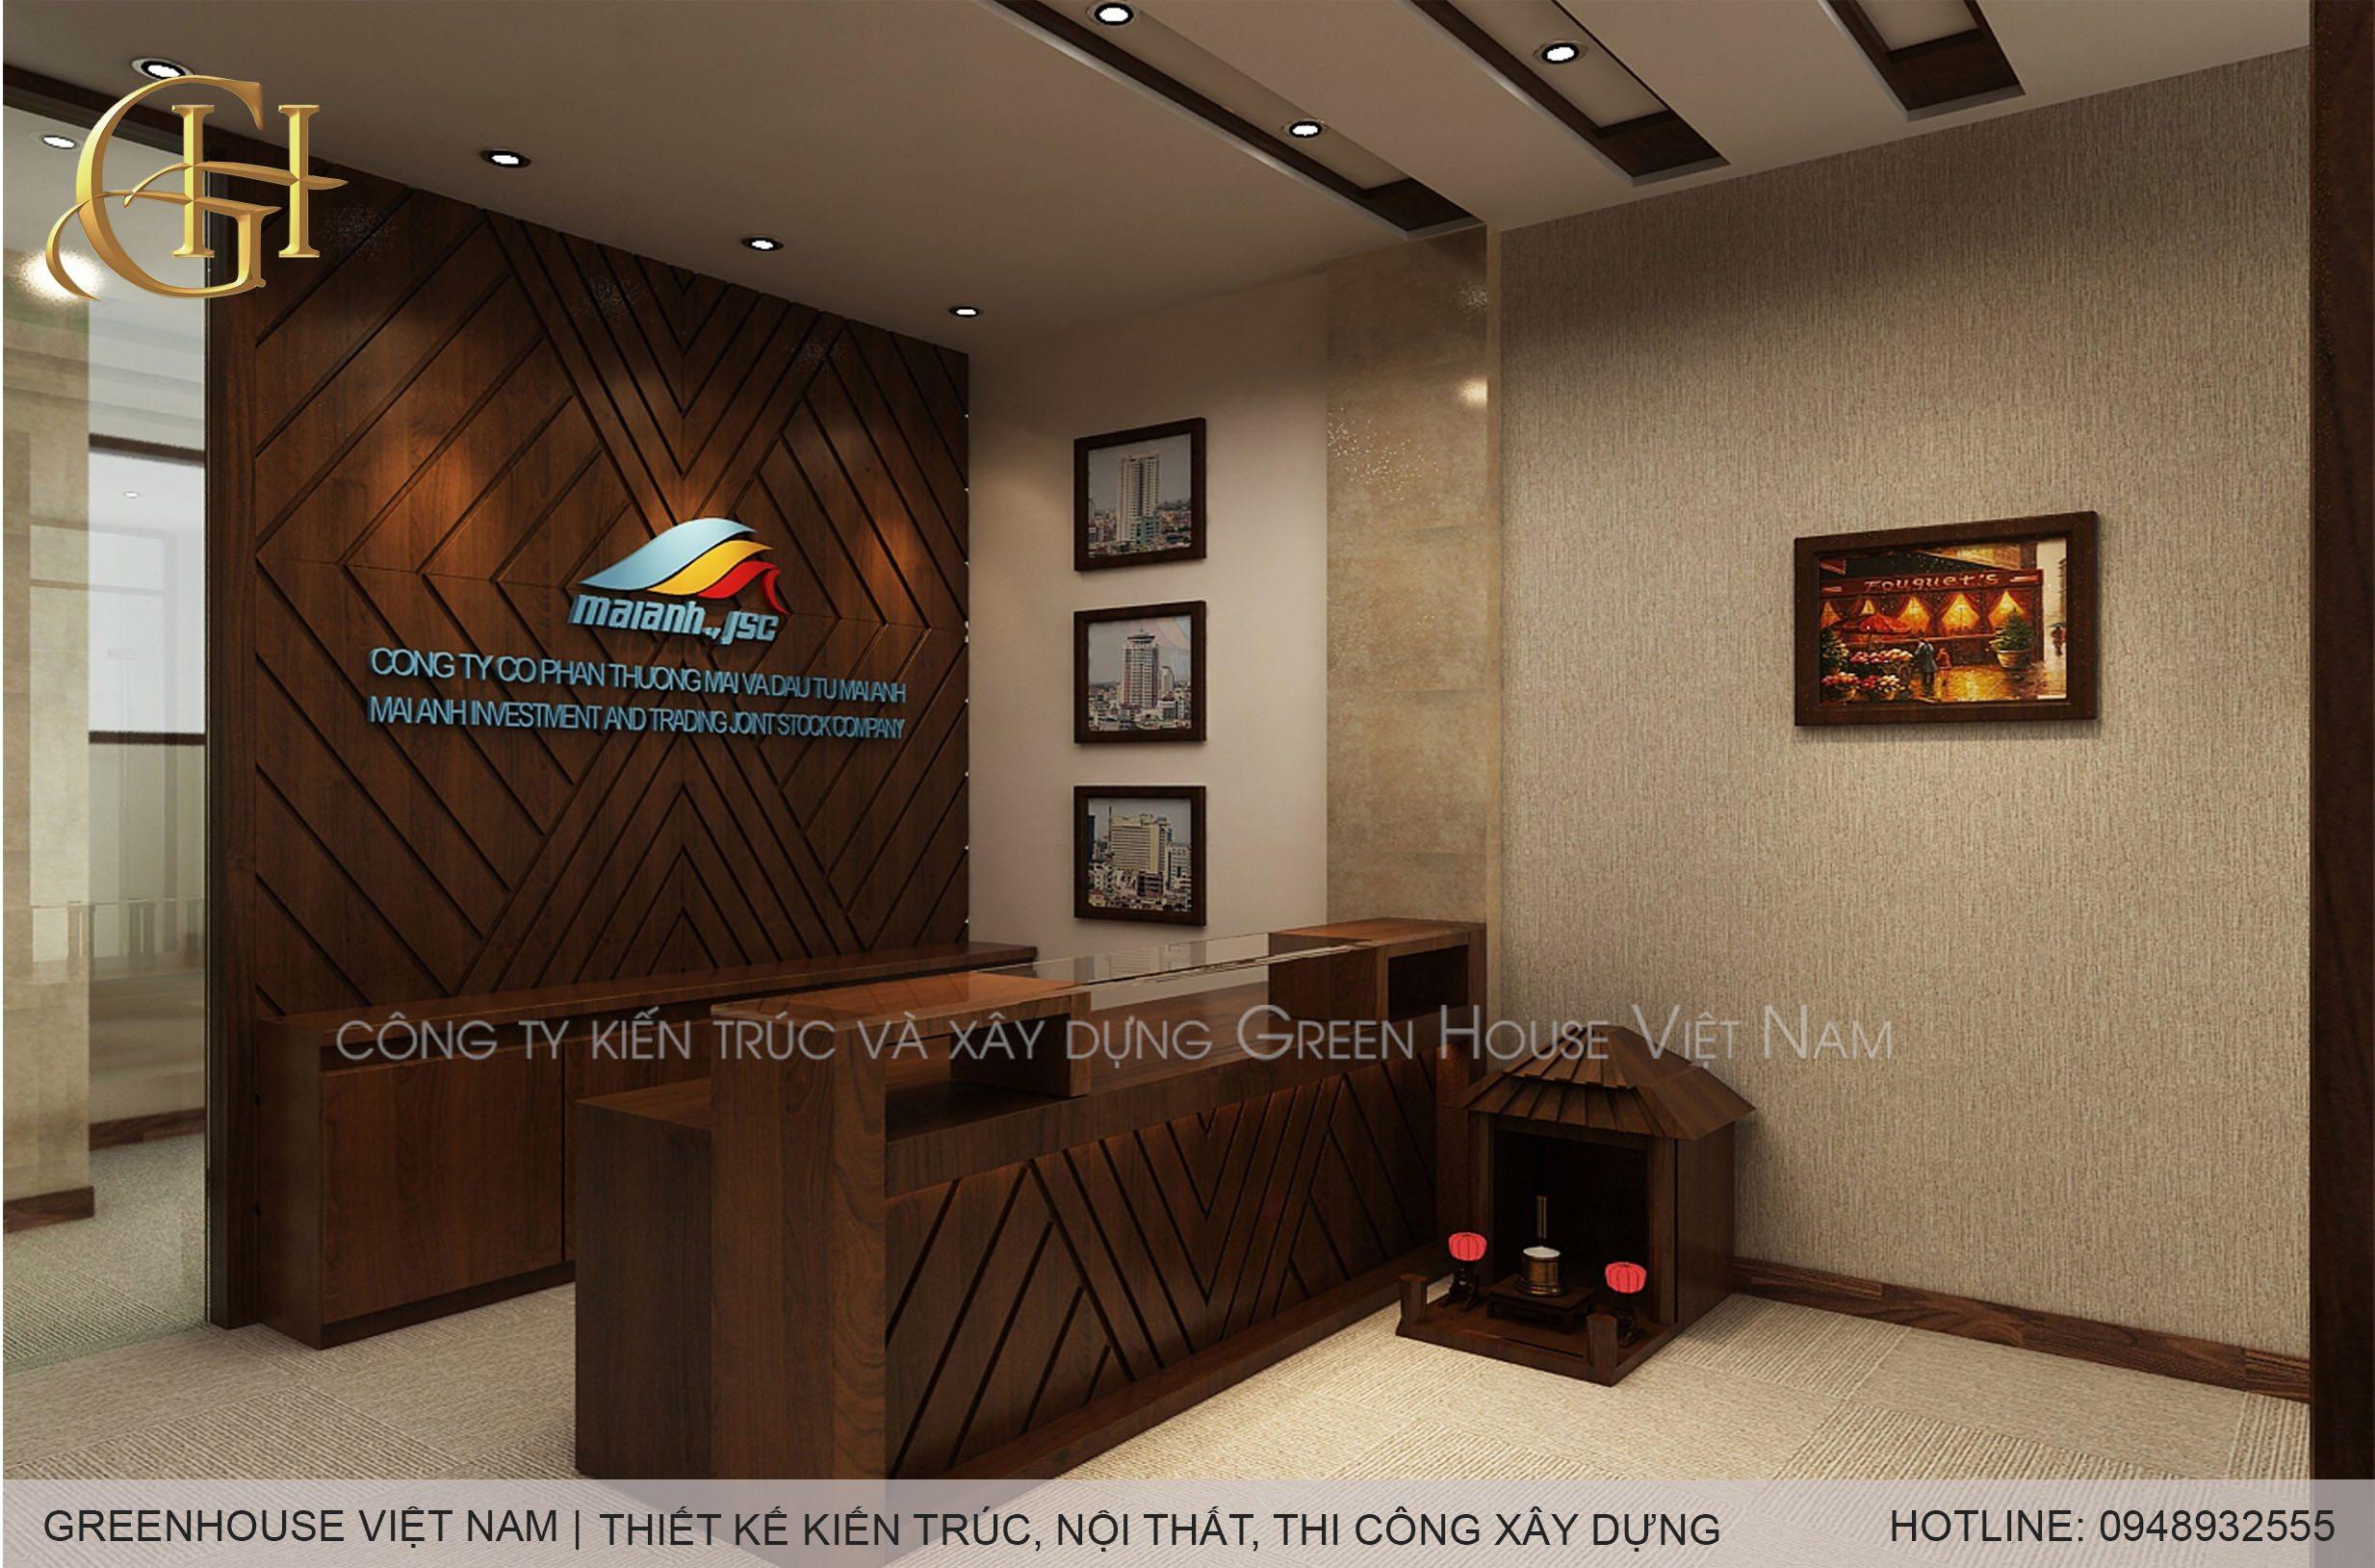 Thiết kế văn phòng công ty cổ phần thương mại và đầu tư Mai Anh